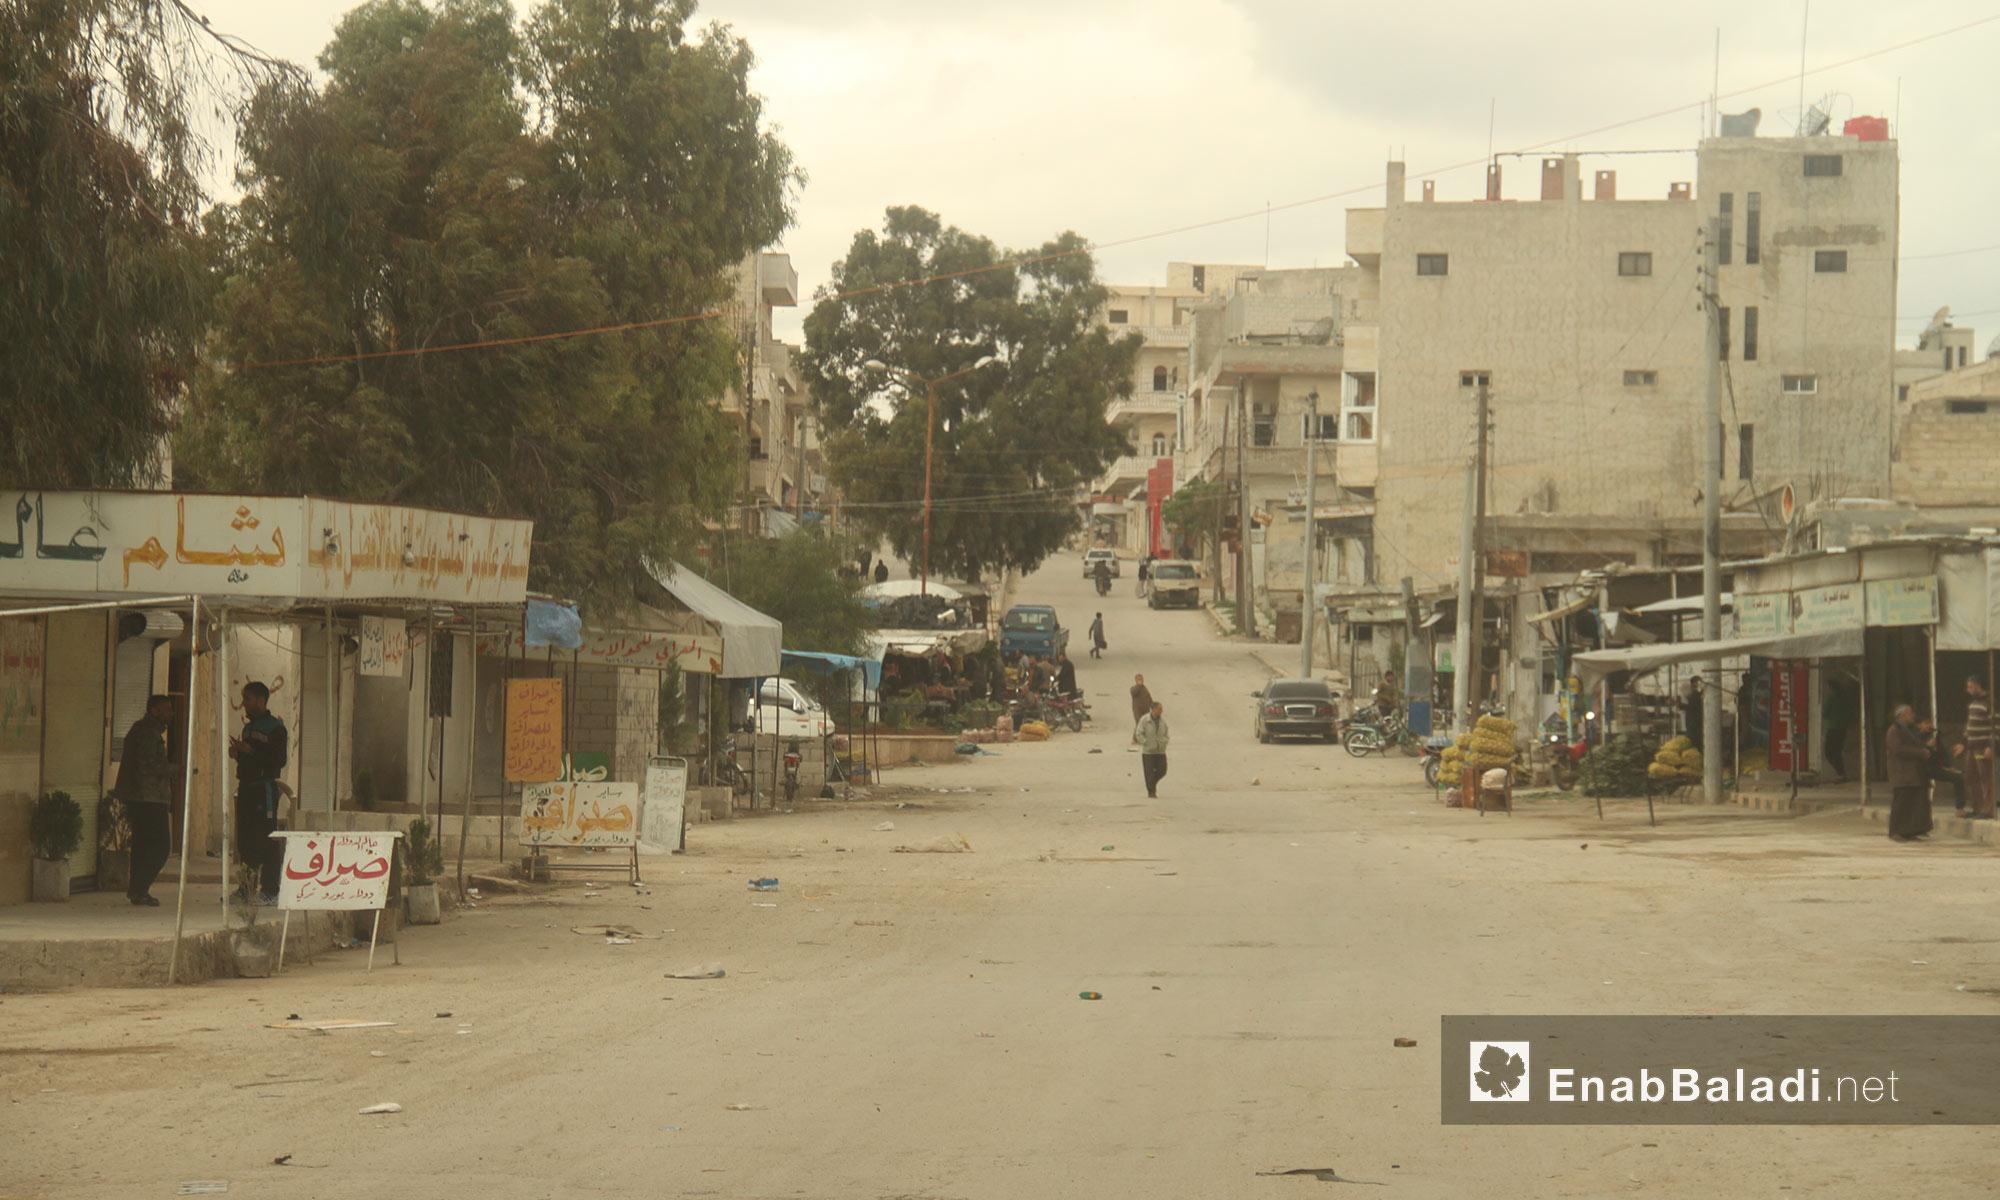 شوارع خان شيخون في إدلب - 14 نيسان 2017 (عنب بلدي)